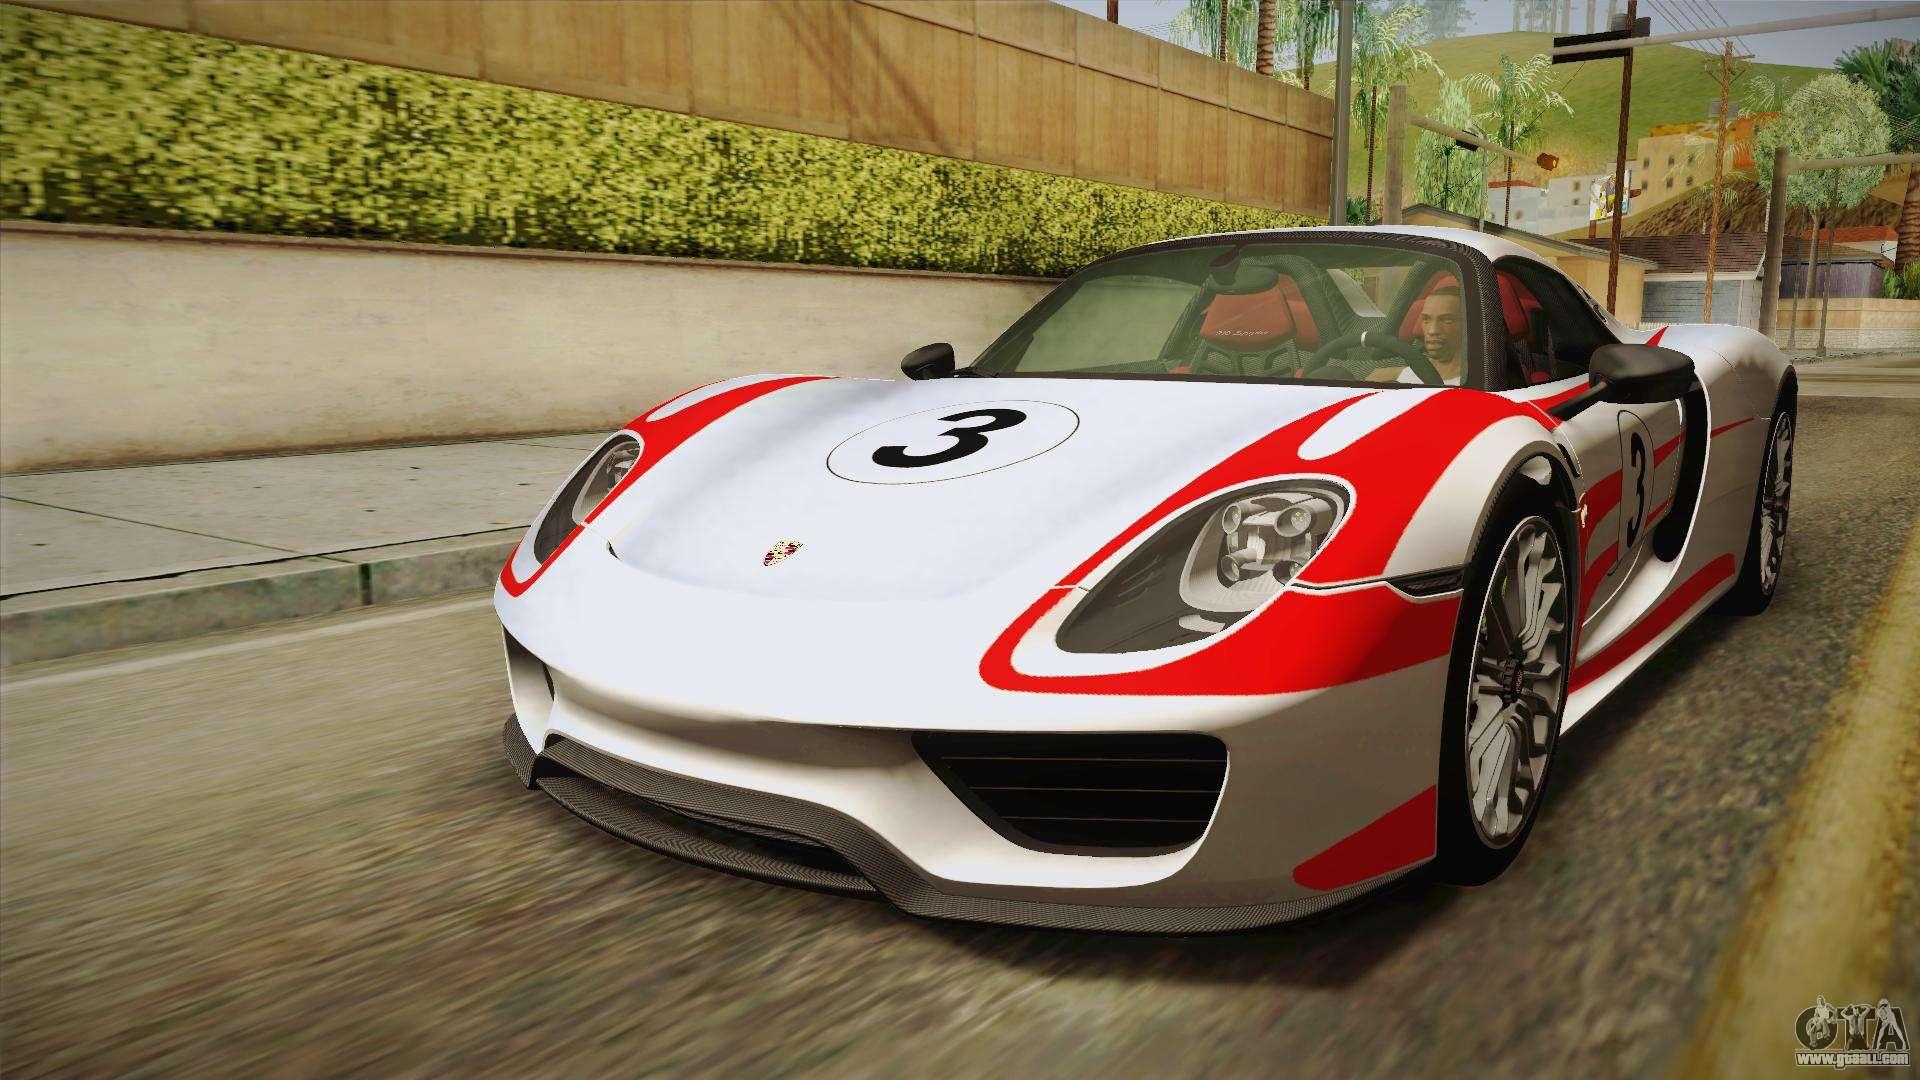 375259-gta-sa-2016-12-31-15-51-16-02 Stunning Porsche 918 Spyder Paint Job Cars Trend